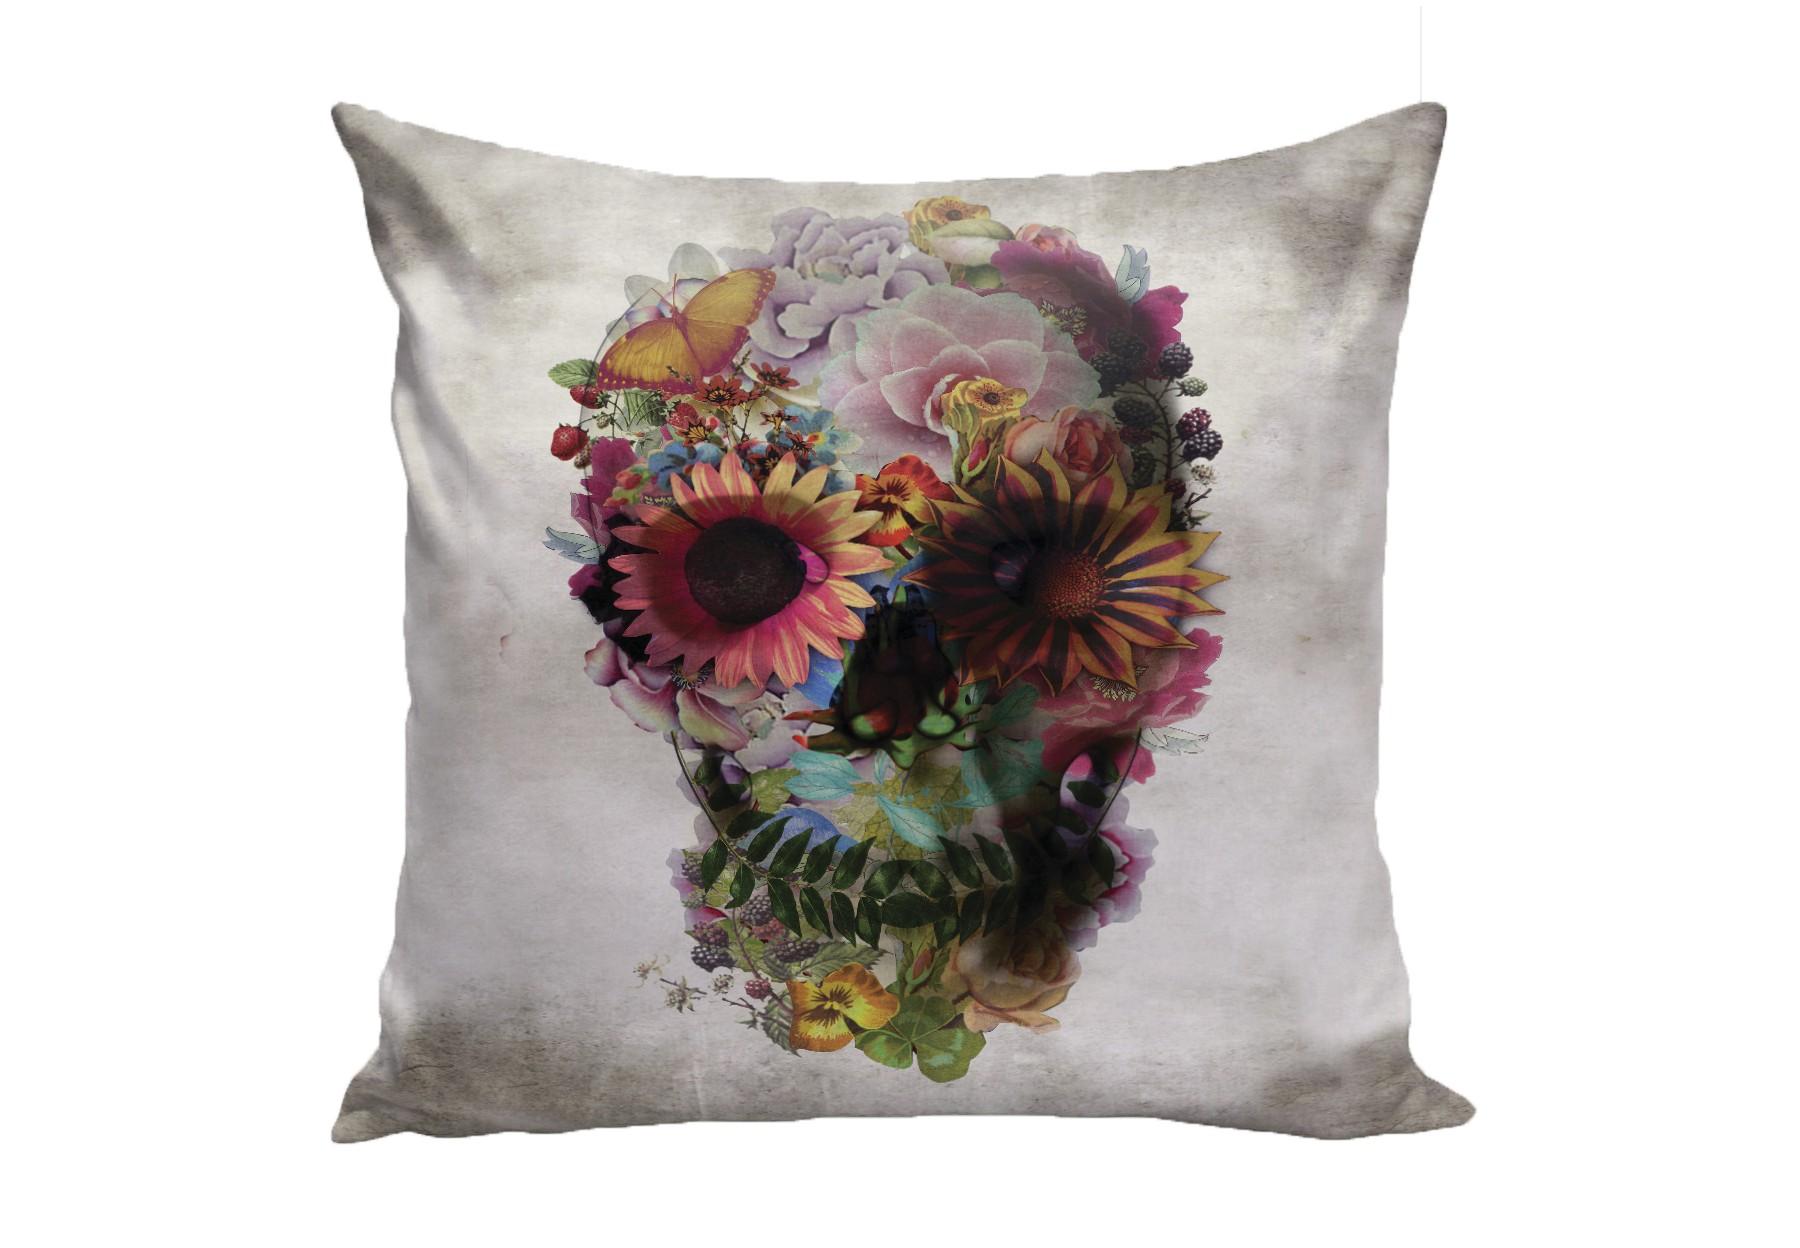 Подушка Flower Skull by Ali GulecКвадратные подушки и наволочки<br>&amp;lt;div&amp;gt;Подушка изготовлена из мягкой, бархатистой ткани микровелюр, которая отлично пропускает воздух, отталкивает пыль и долго сохраняет изначальный цвет, не протираясь и не выцветая.&amp;amp;nbsp;&amp;lt;/div&amp;gt;&amp;lt;div&amp;gt;&amp;lt;br&amp;gt;&amp;lt;/div&amp;gt;&amp;lt;div&amp;gt;Можно подобрать ткань на Ваш вкус из других коллекций.&amp;lt;/div&amp;gt;<br><br>Material: Велюр<br>Ширина см: 40<br>Глубина см: 40